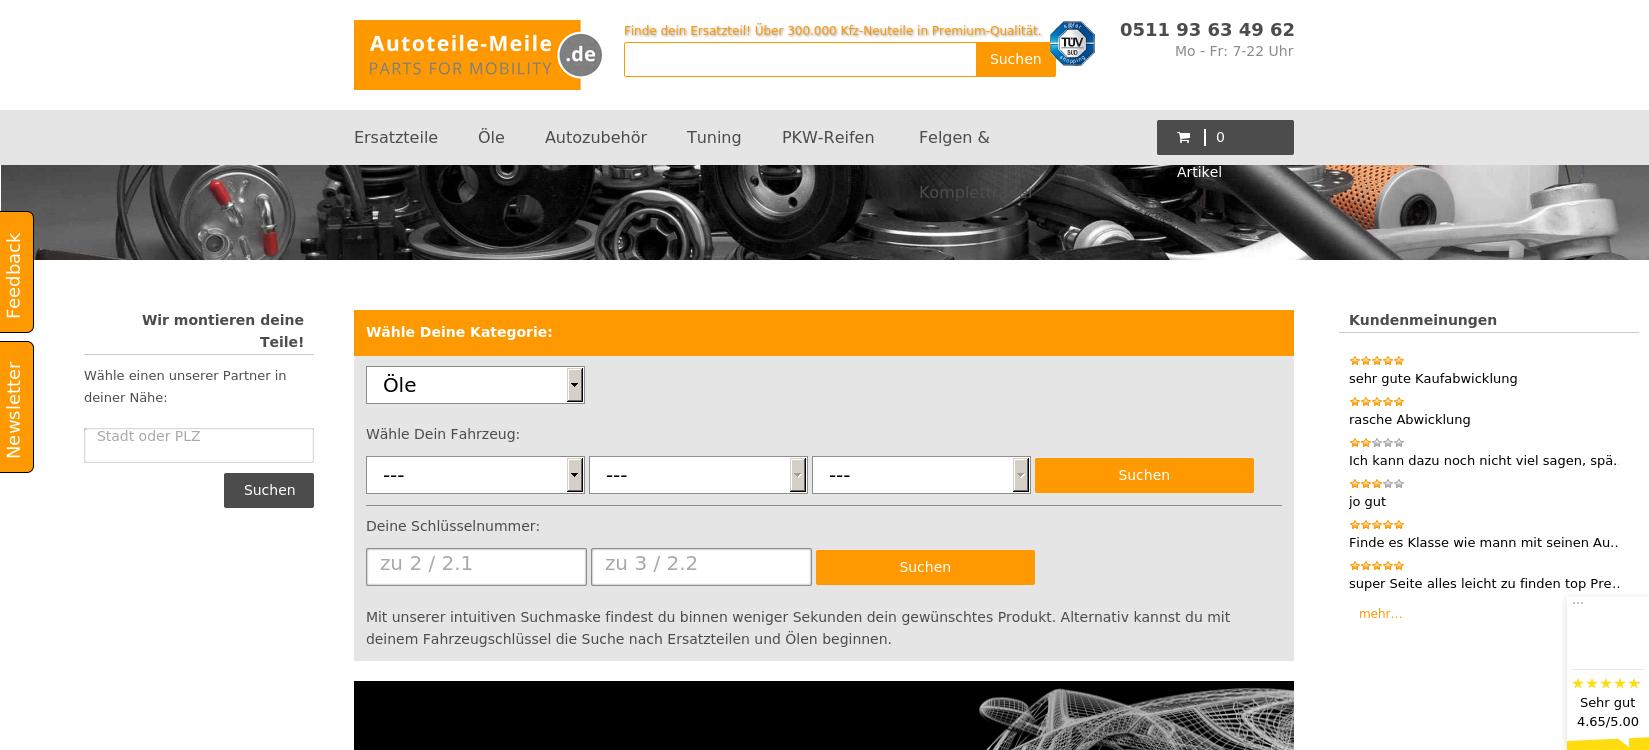 Autoteile-Meile.de - KFZ-Ersatzteile und Zubehör